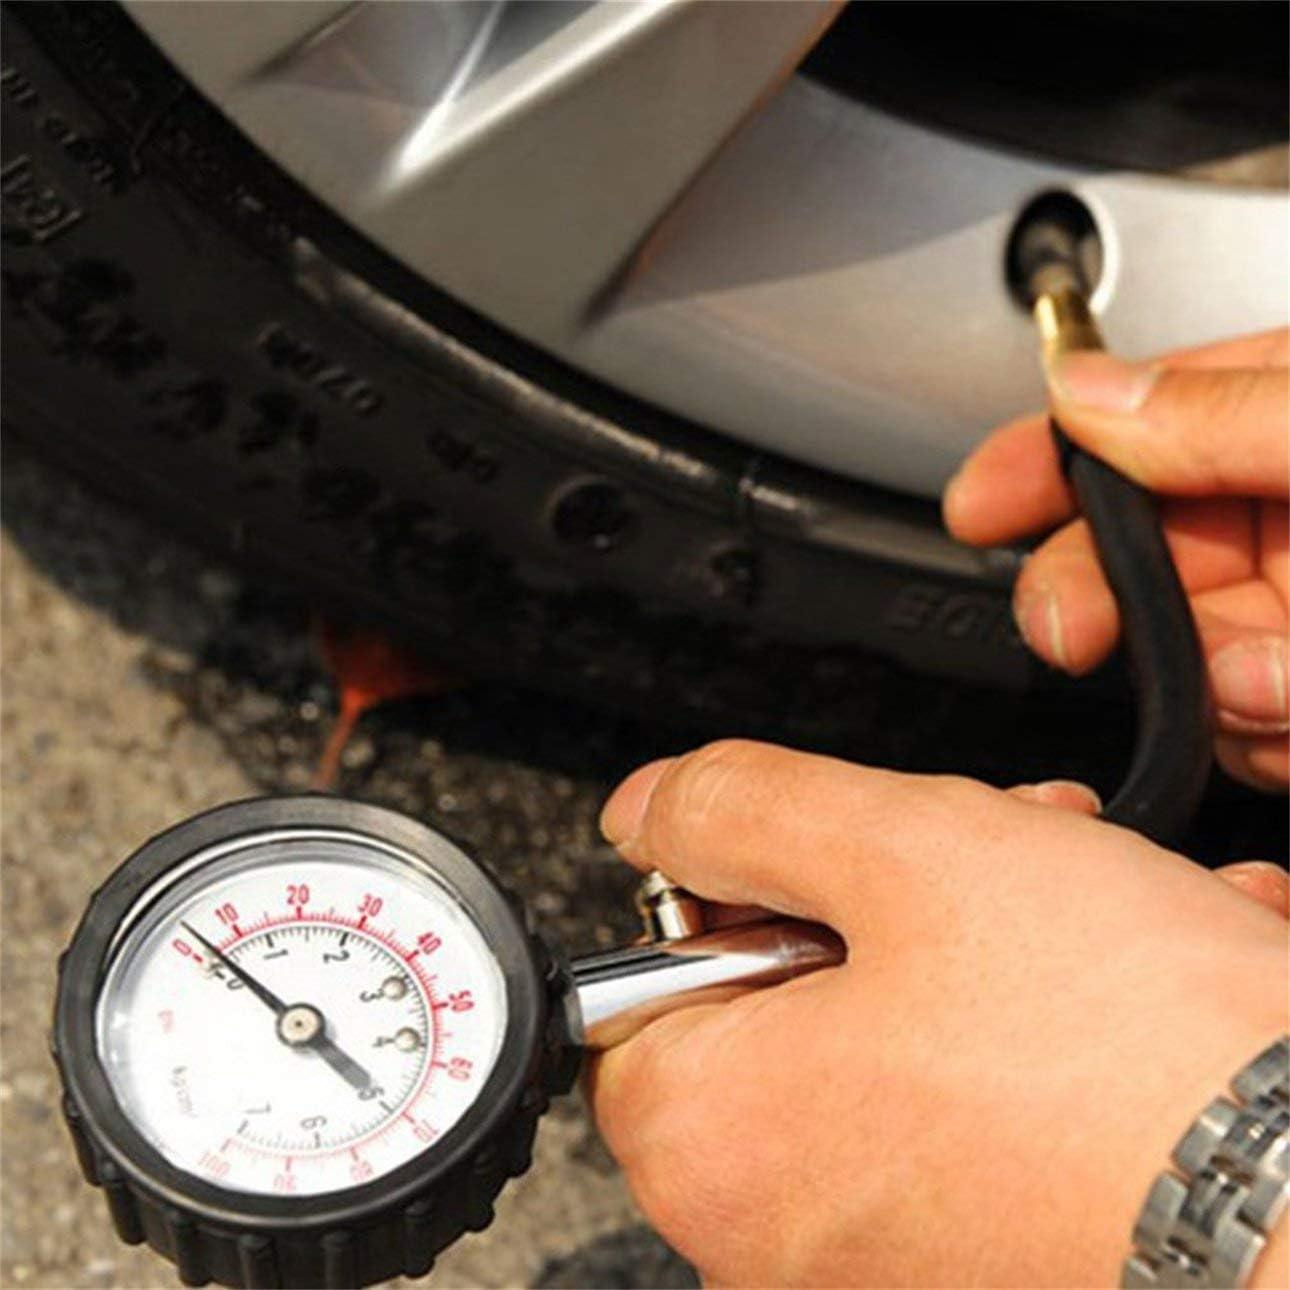 Ballylelly Medidor Medidor de presi/ón de neum/áticos 0-100PSI Auto Car Bike Motor Medidor de presi/ón de Aire del neum/ático Medidor Sistema de monitoreo del probador de veh/ículos Dial Meter